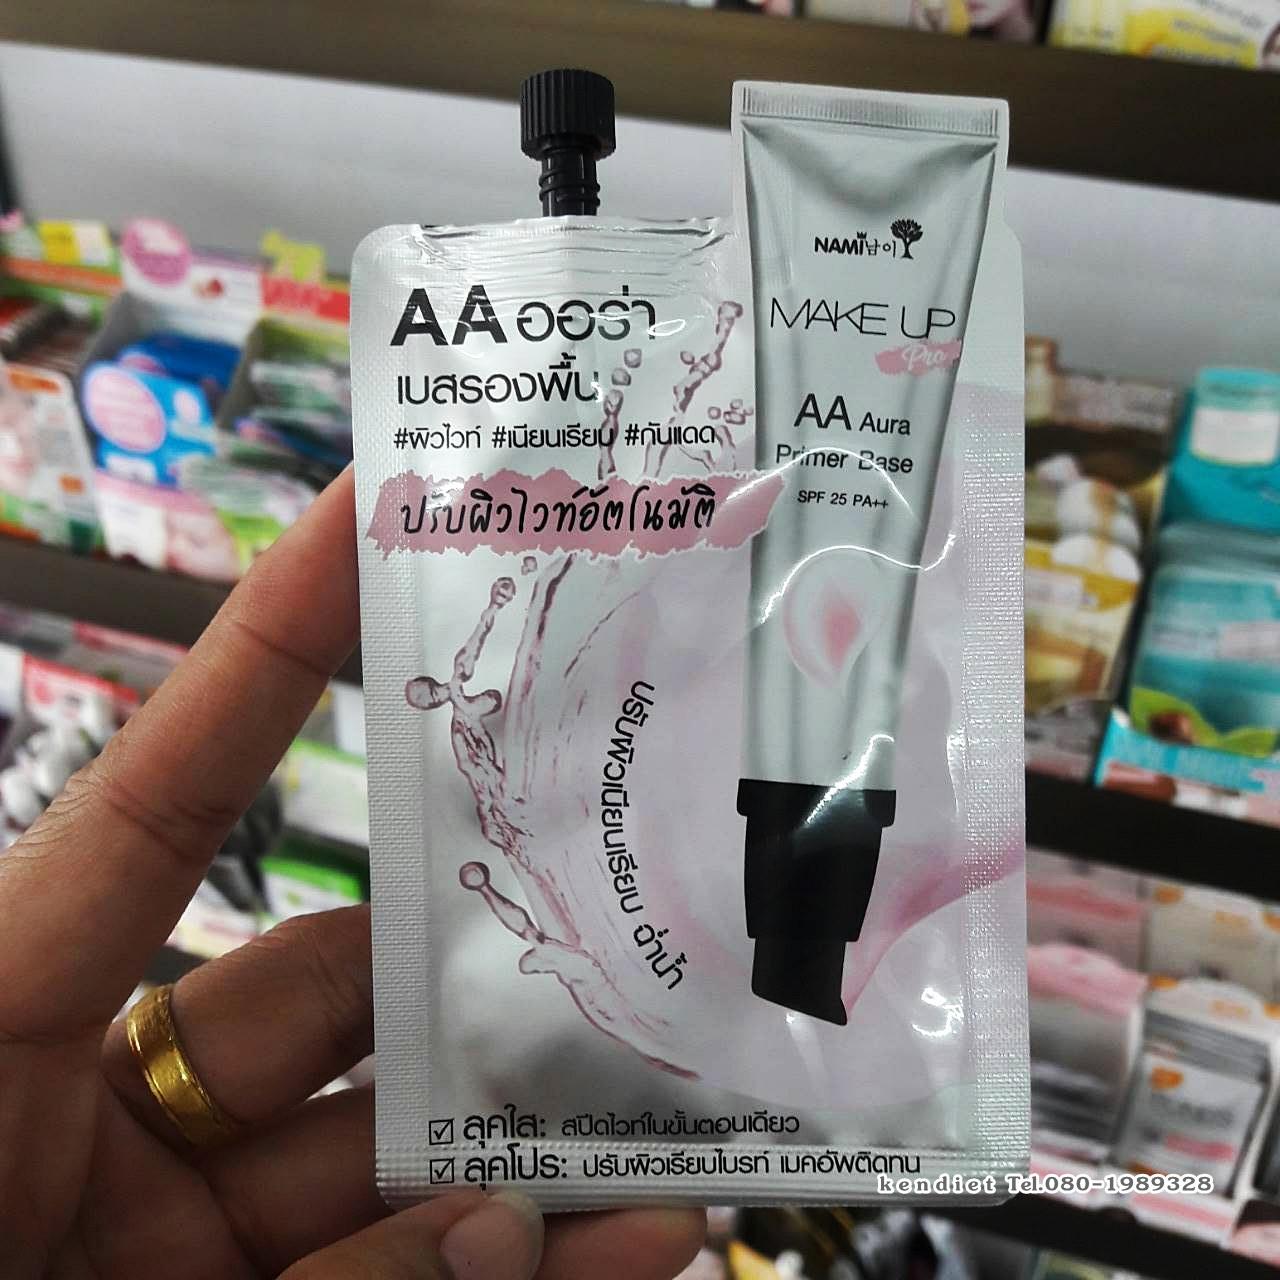 Nami make up pro aa aura primer base นามิเมคอัพโปรเอเอออร่าไพรเมอร์เบส 1 กล่อง 190 บาท